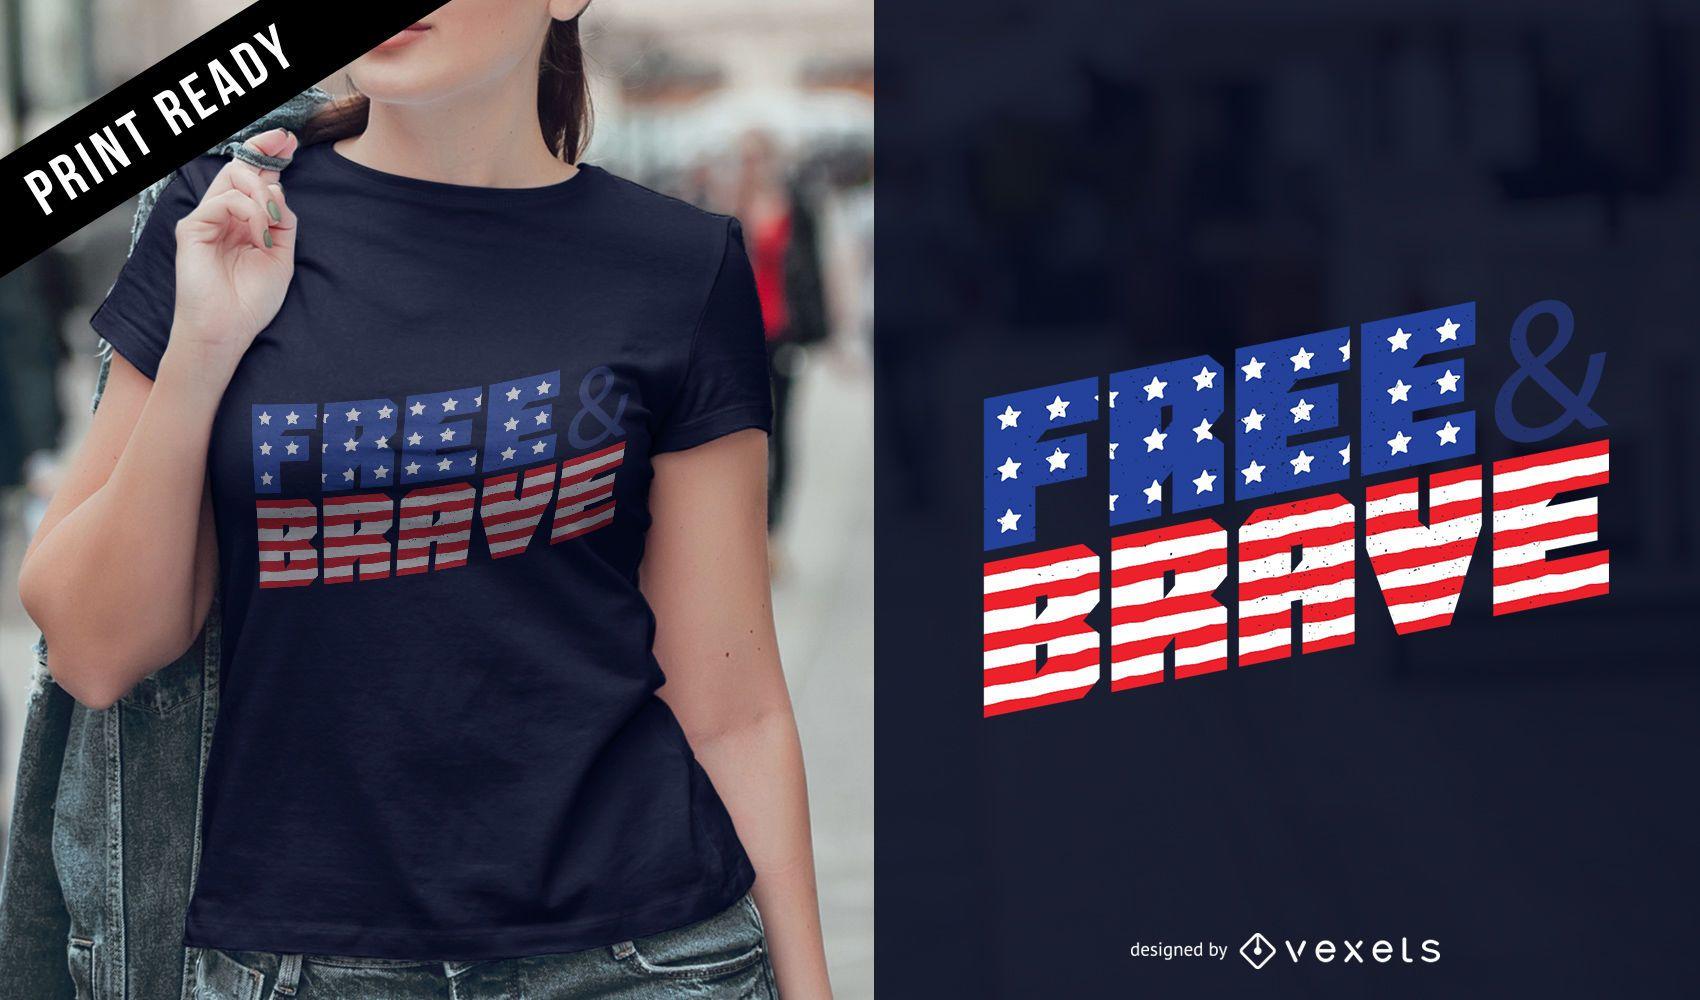 Diseño de camiseta libre y valiente